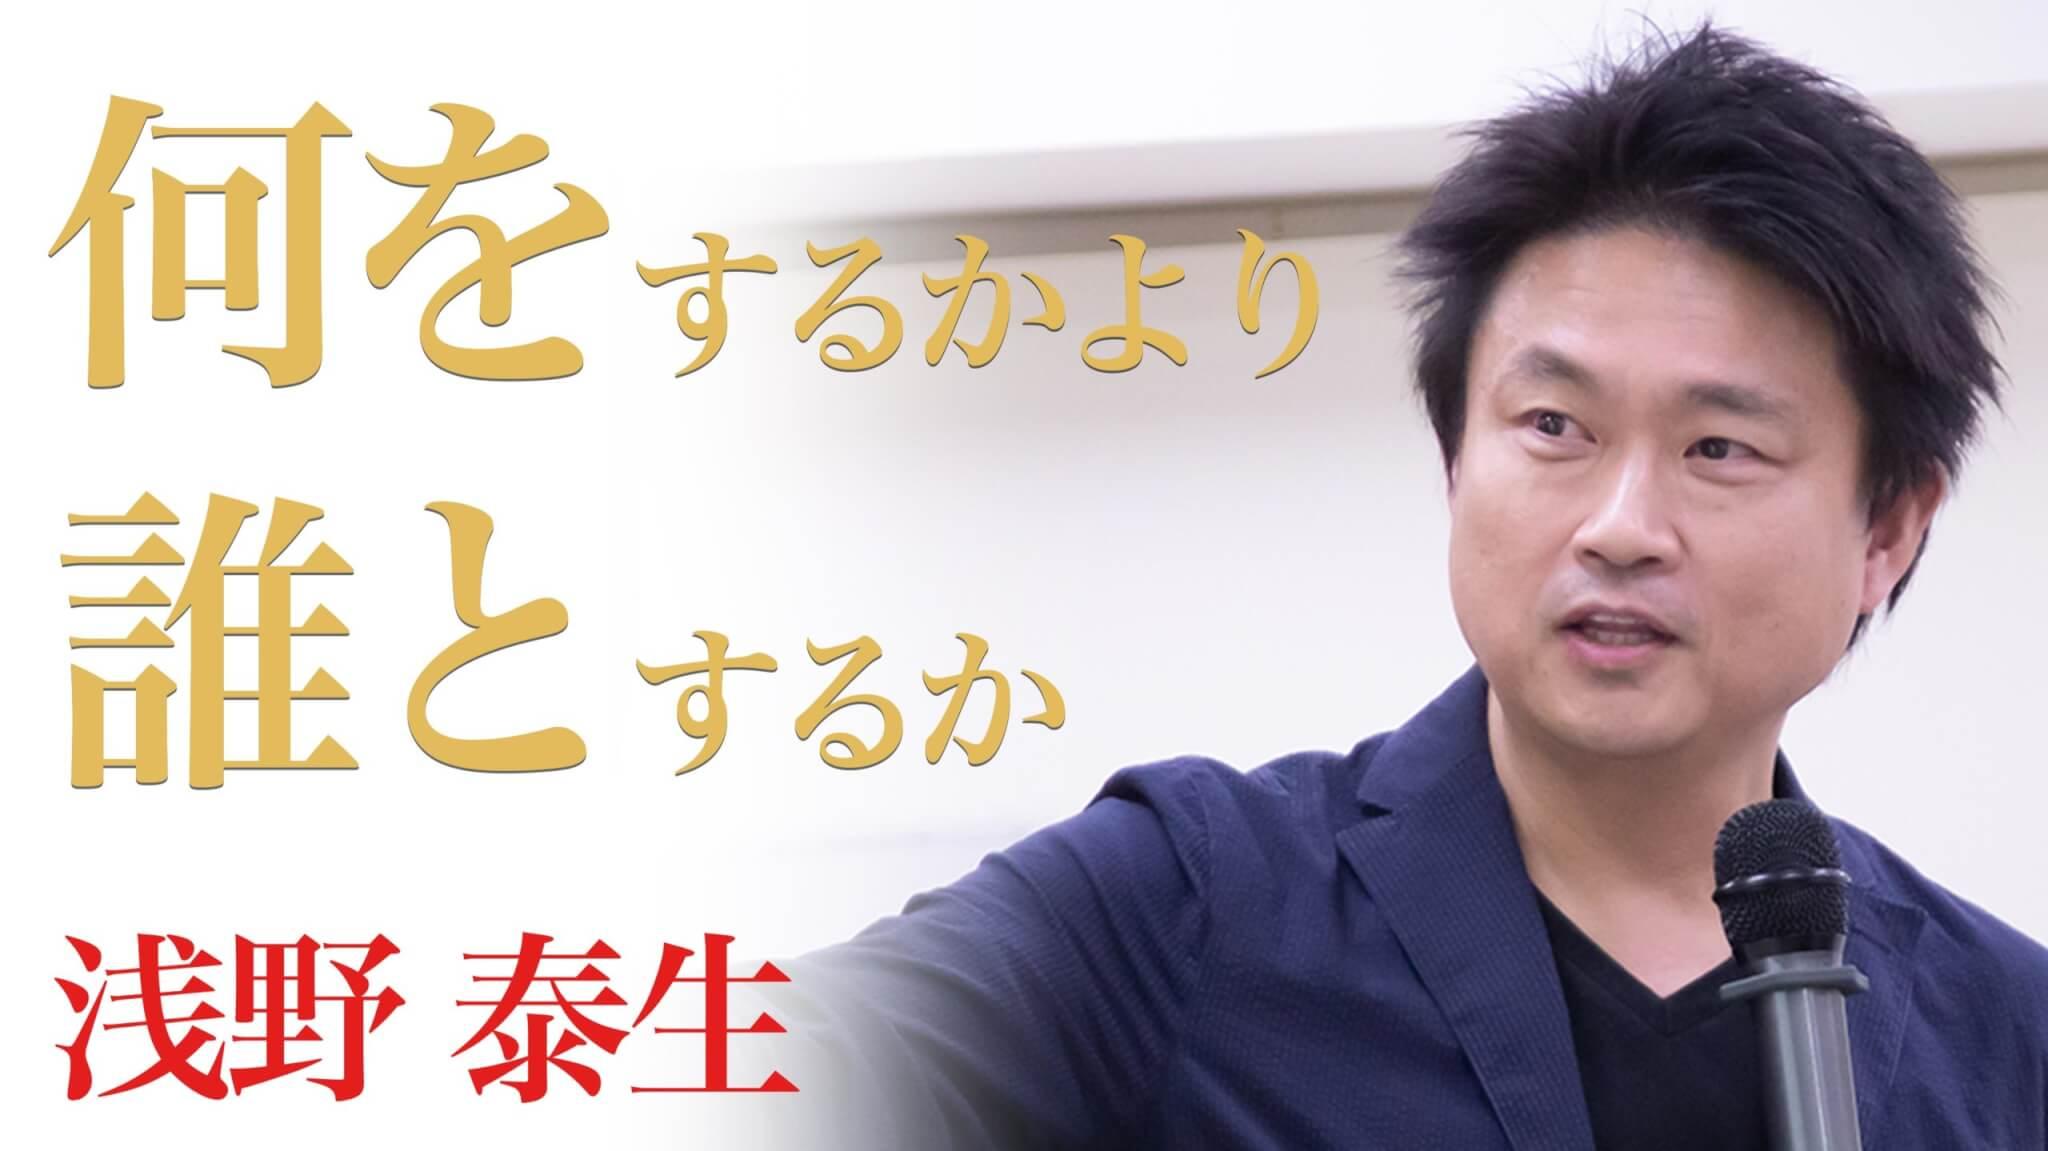 私の経営道 株式会社think shift  浅野泰生